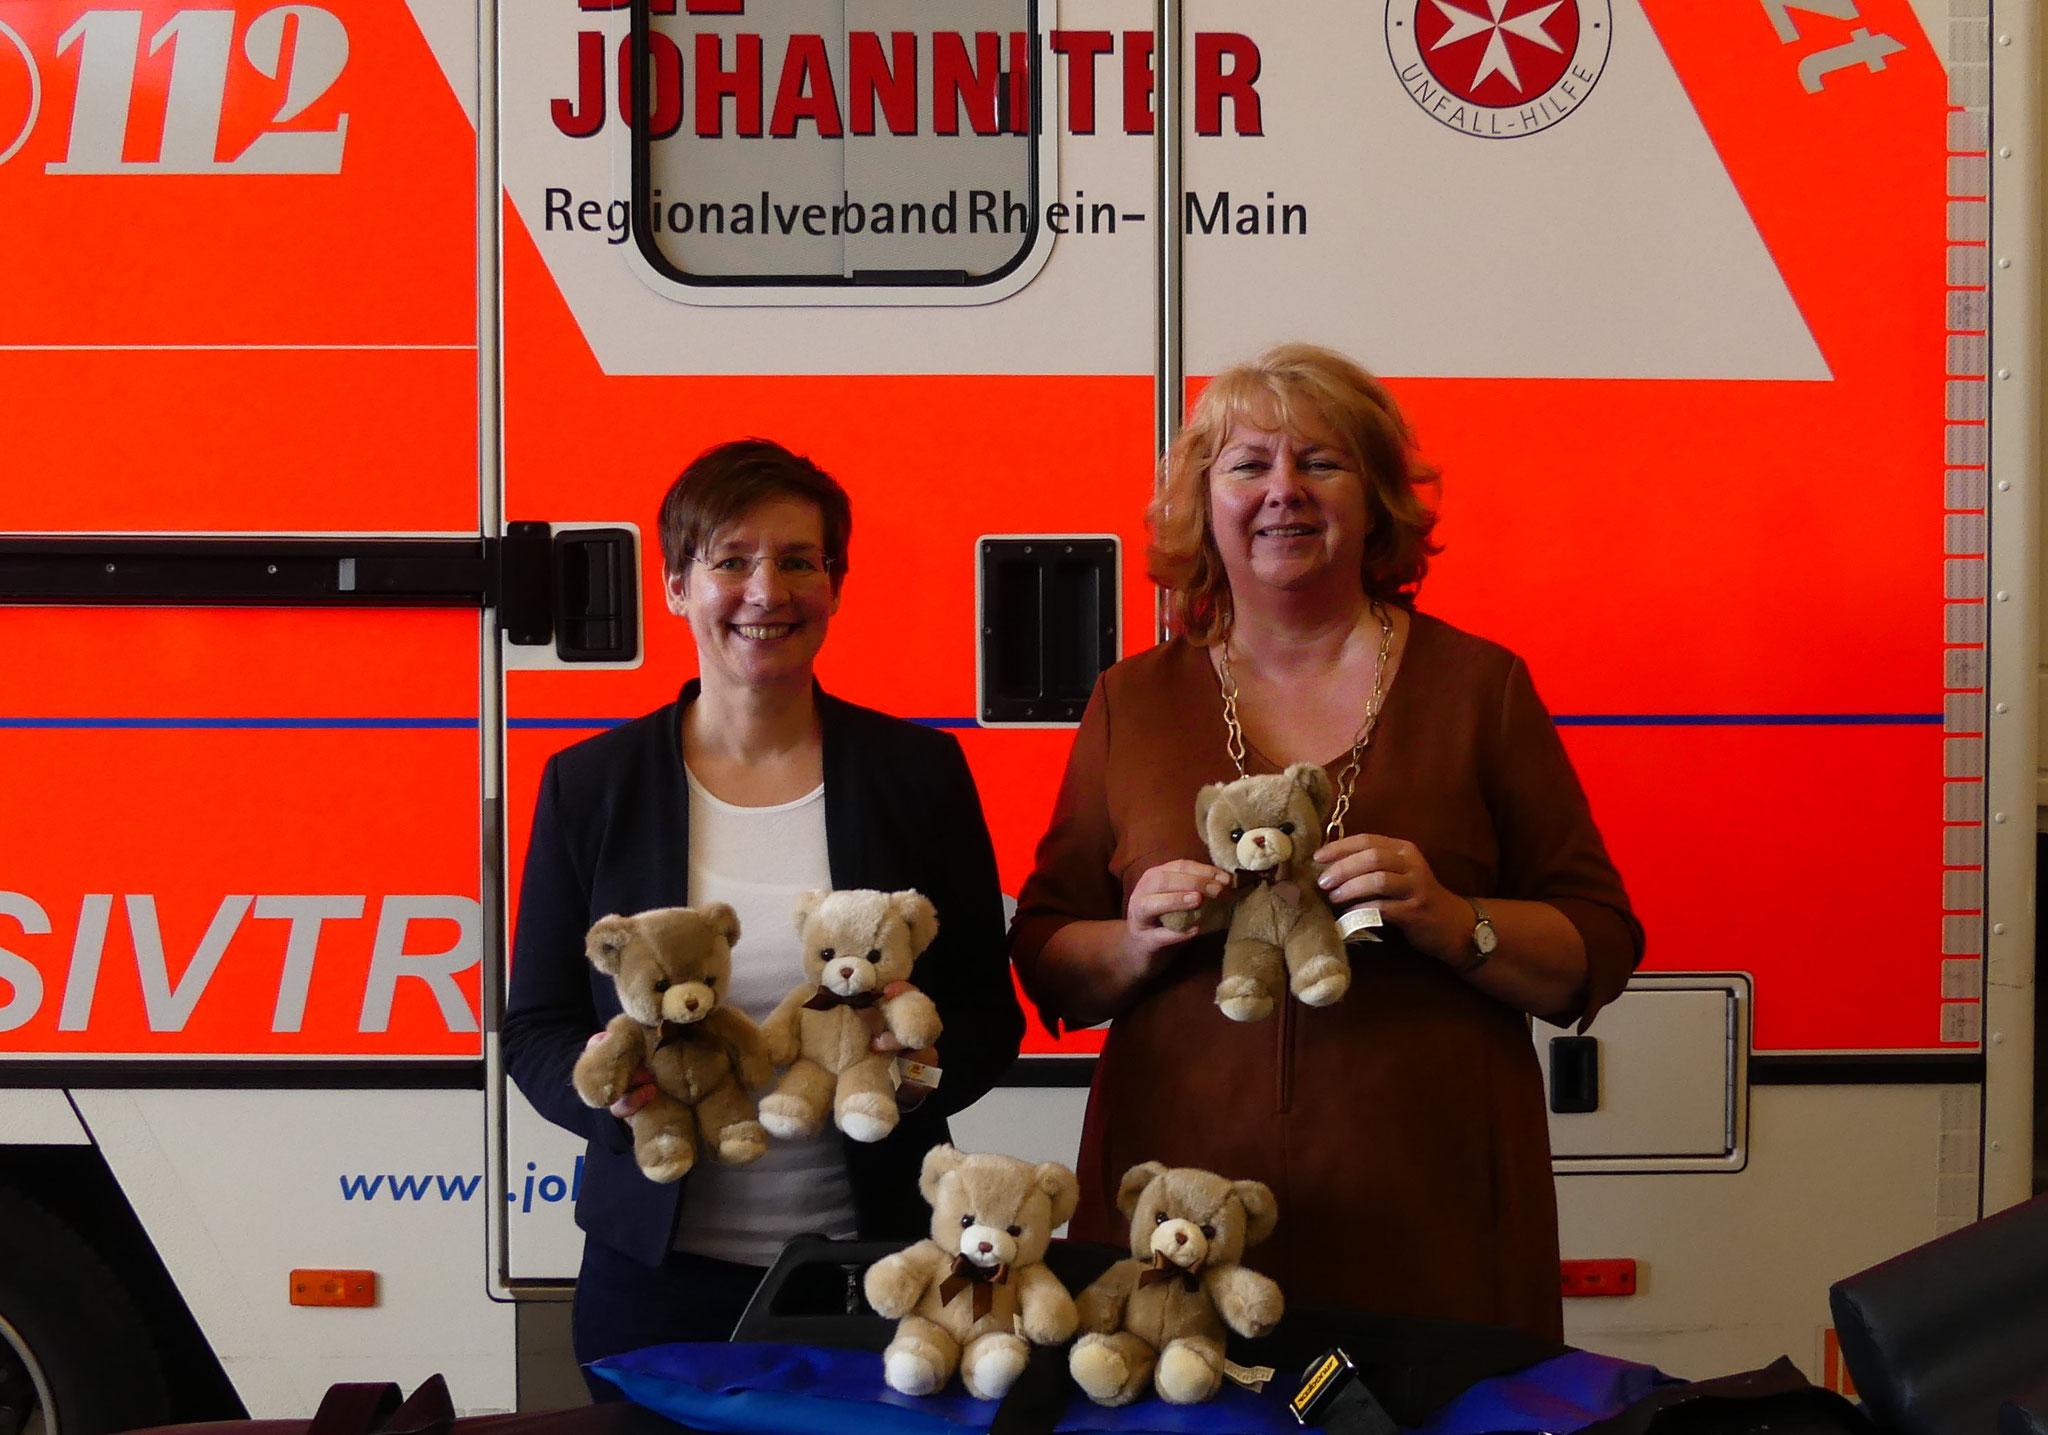 Neu dabei: Mitarbeiterinnen des Jugend-und Sozialamtes aus dem Bereich Kinder- und Jugendschutz freuen sich in diesem Jahr zum ersten Mal über die Teddys.